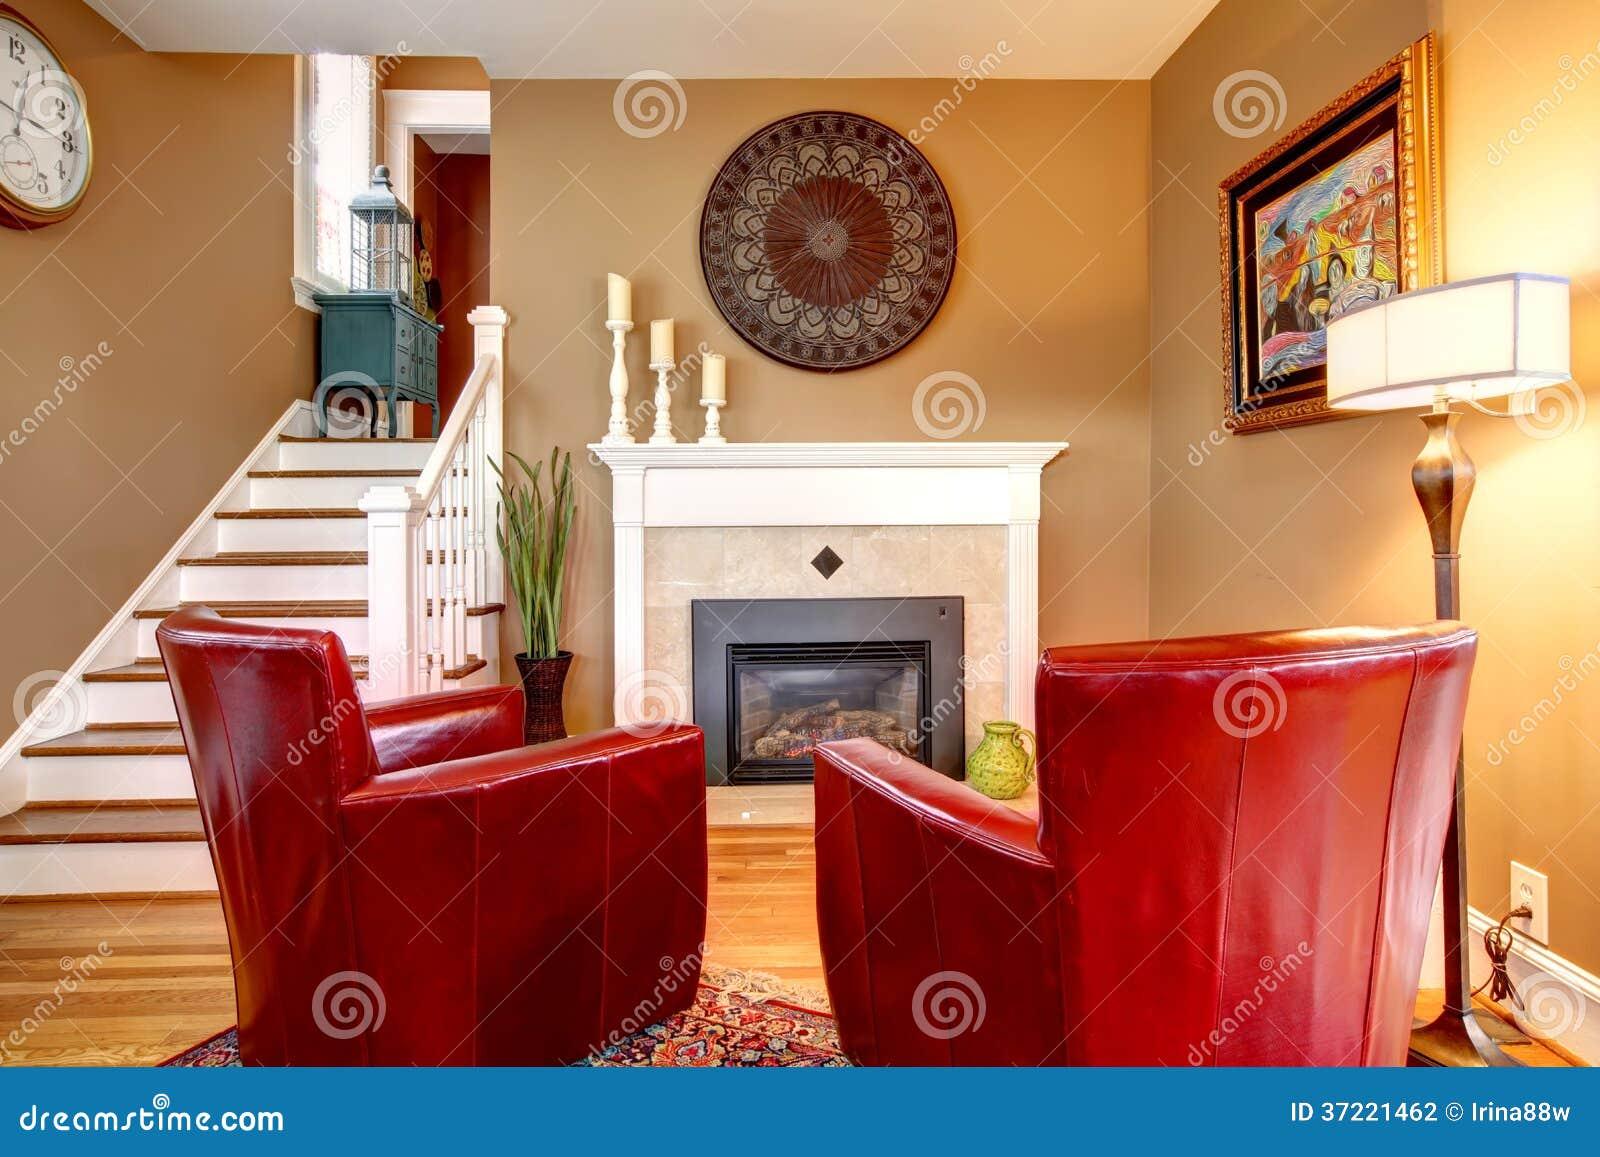 helles wohnzimmer mit elektrischem kamin und elegantem rotem stuhl stockfoto bild von haupt. Black Bedroom Furniture Sets. Home Design Ideas